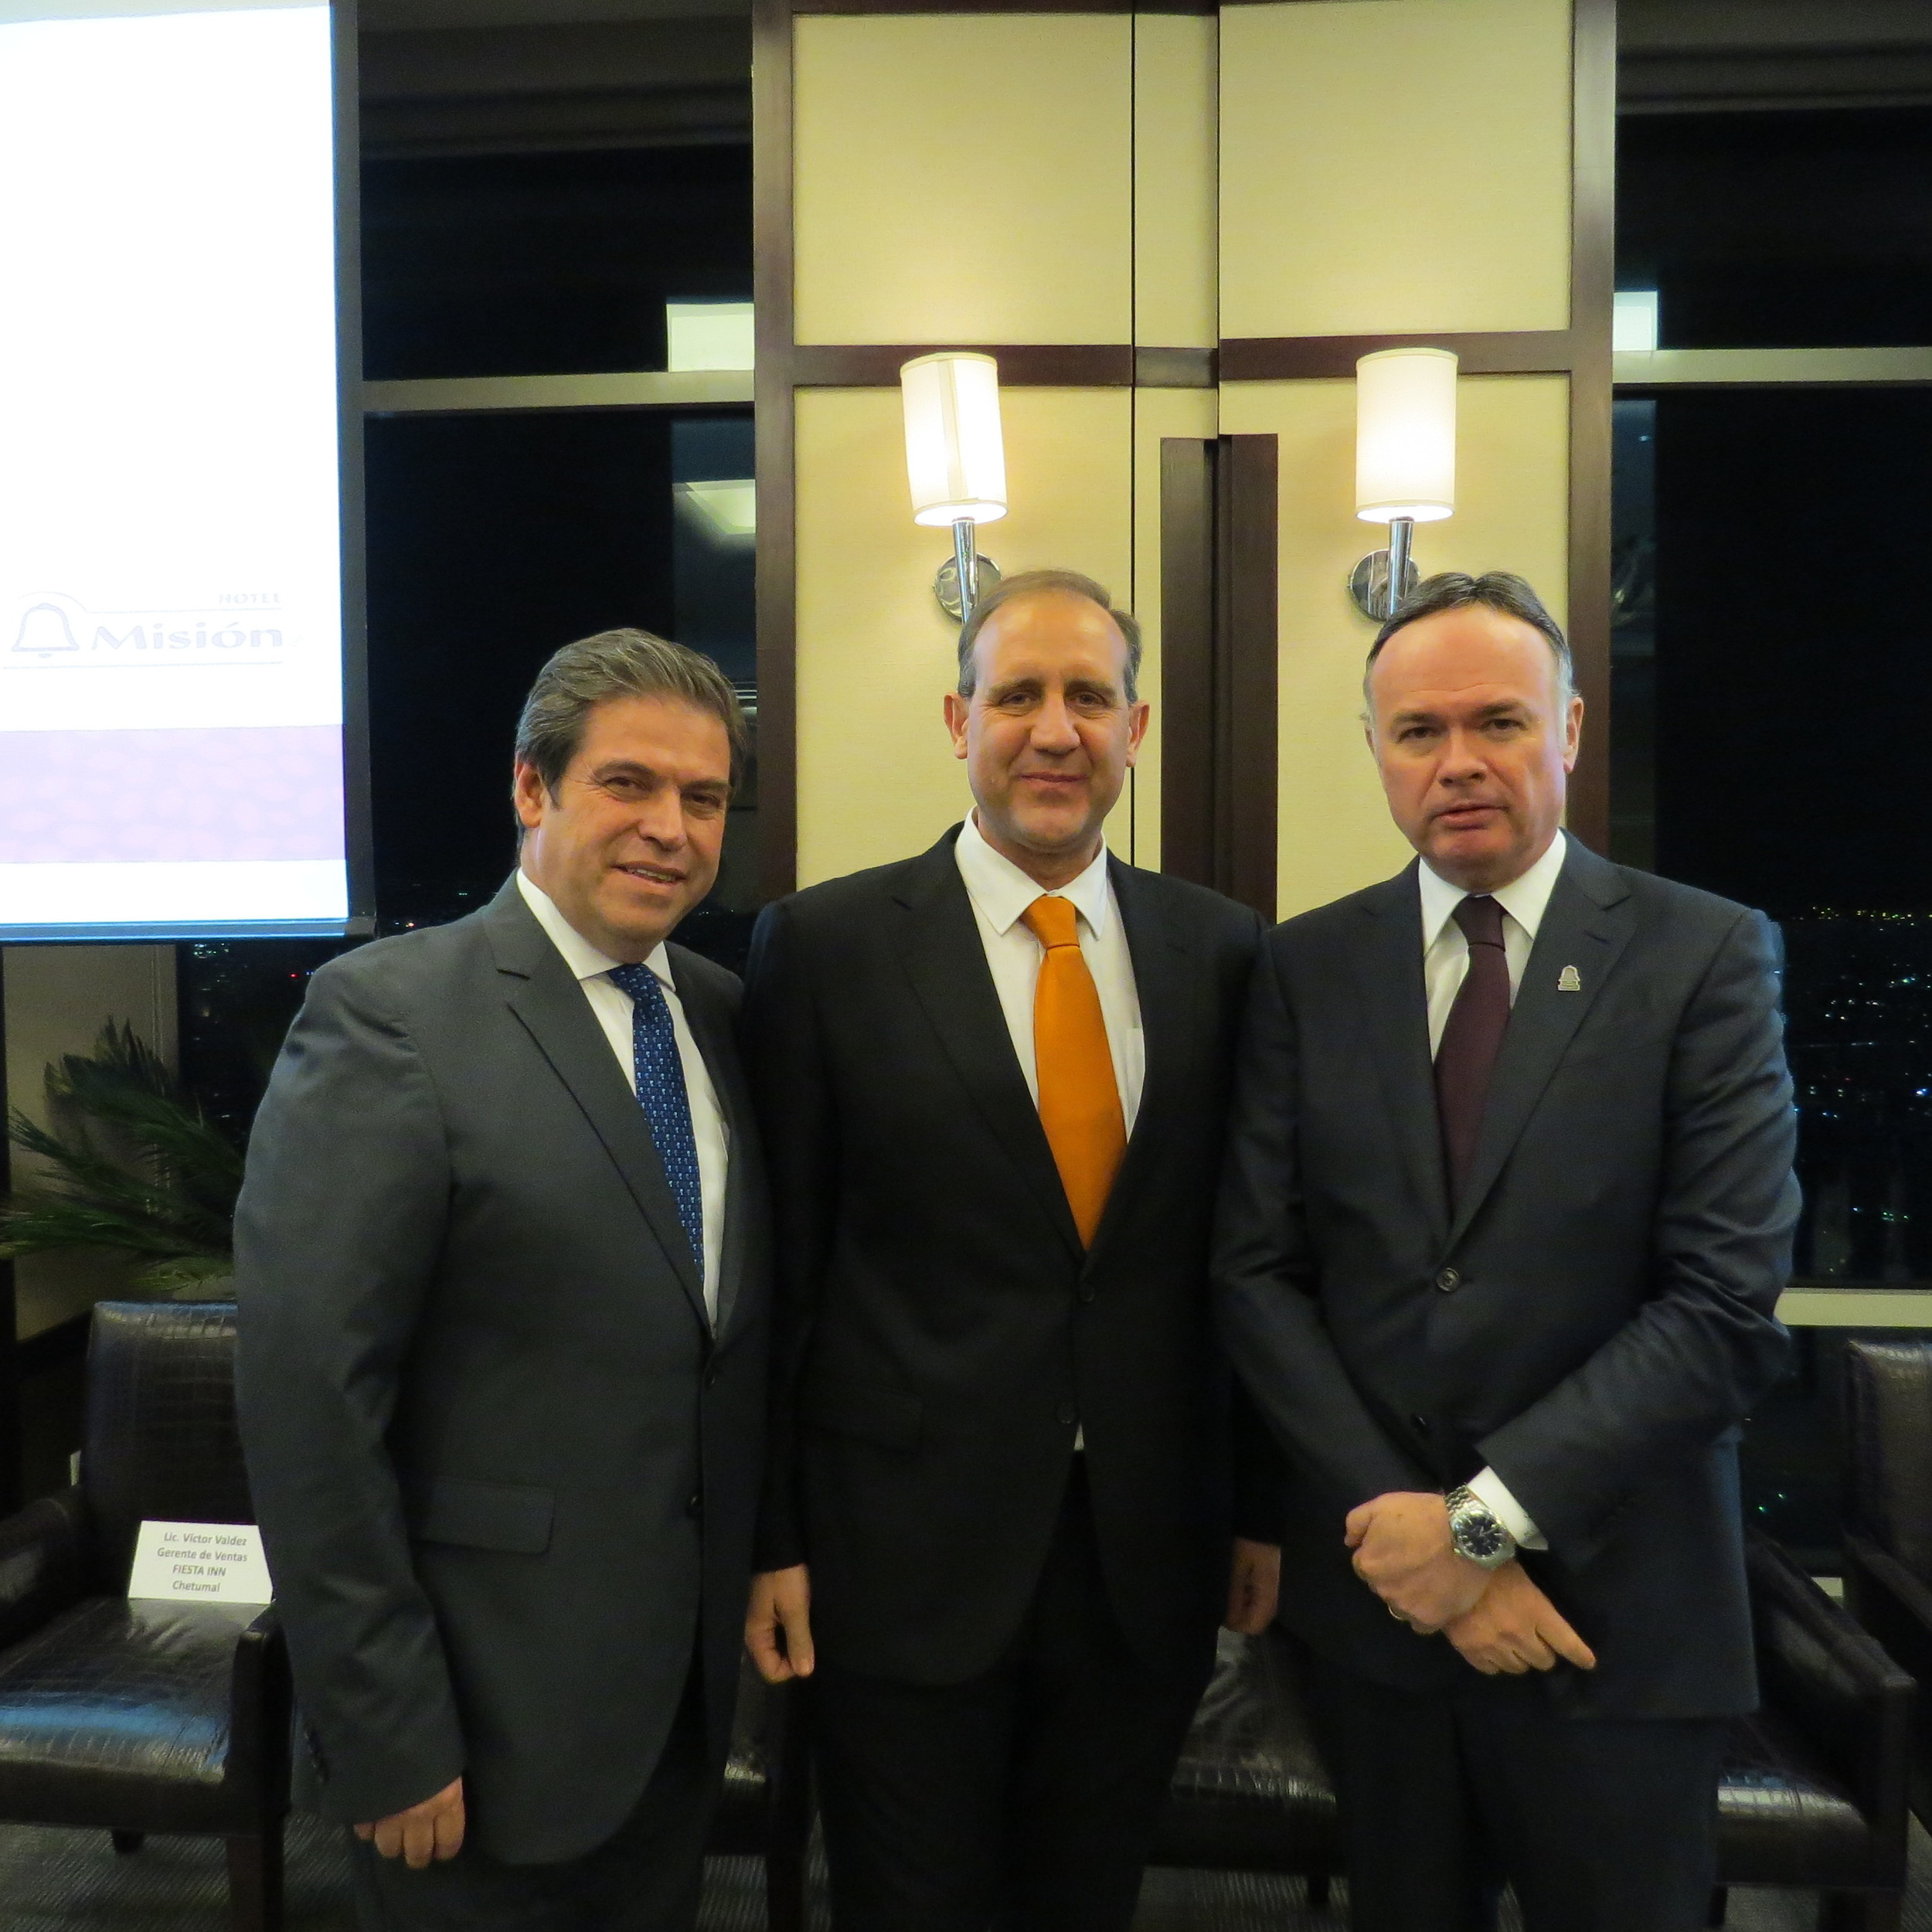 Pedro Armando Santiago, José Luis Puebla y Roberto Zapata Llabrés